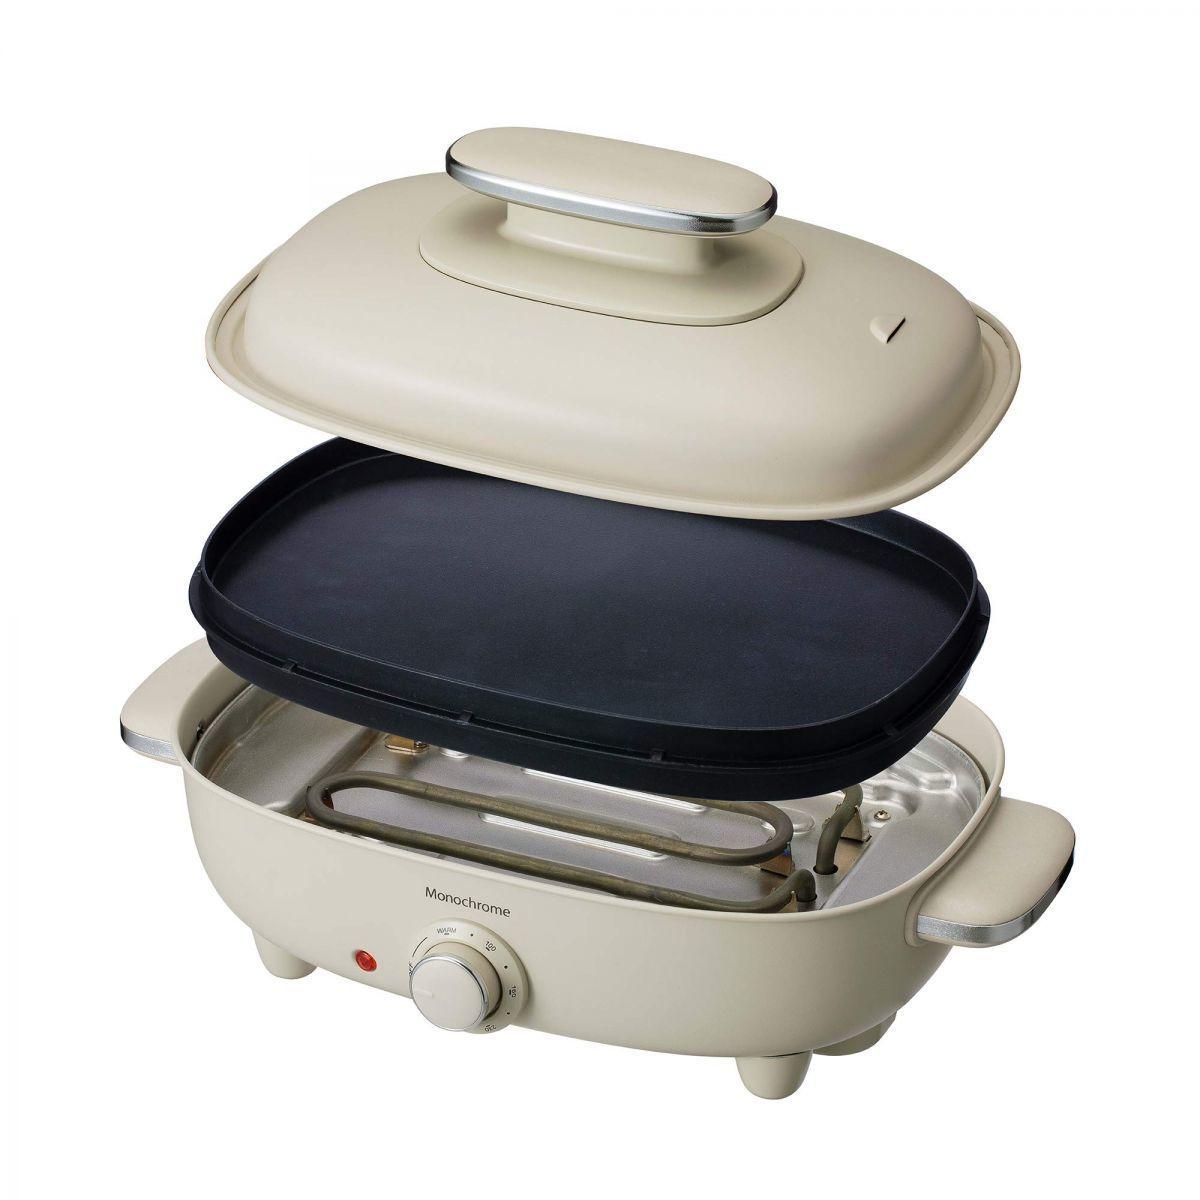 【新品】 ホットプレート お好み焼き 焼肉 平面 波型 リバーシブル プレート 蓋付き ホワイト  Y6239Z1CP1815_画像1